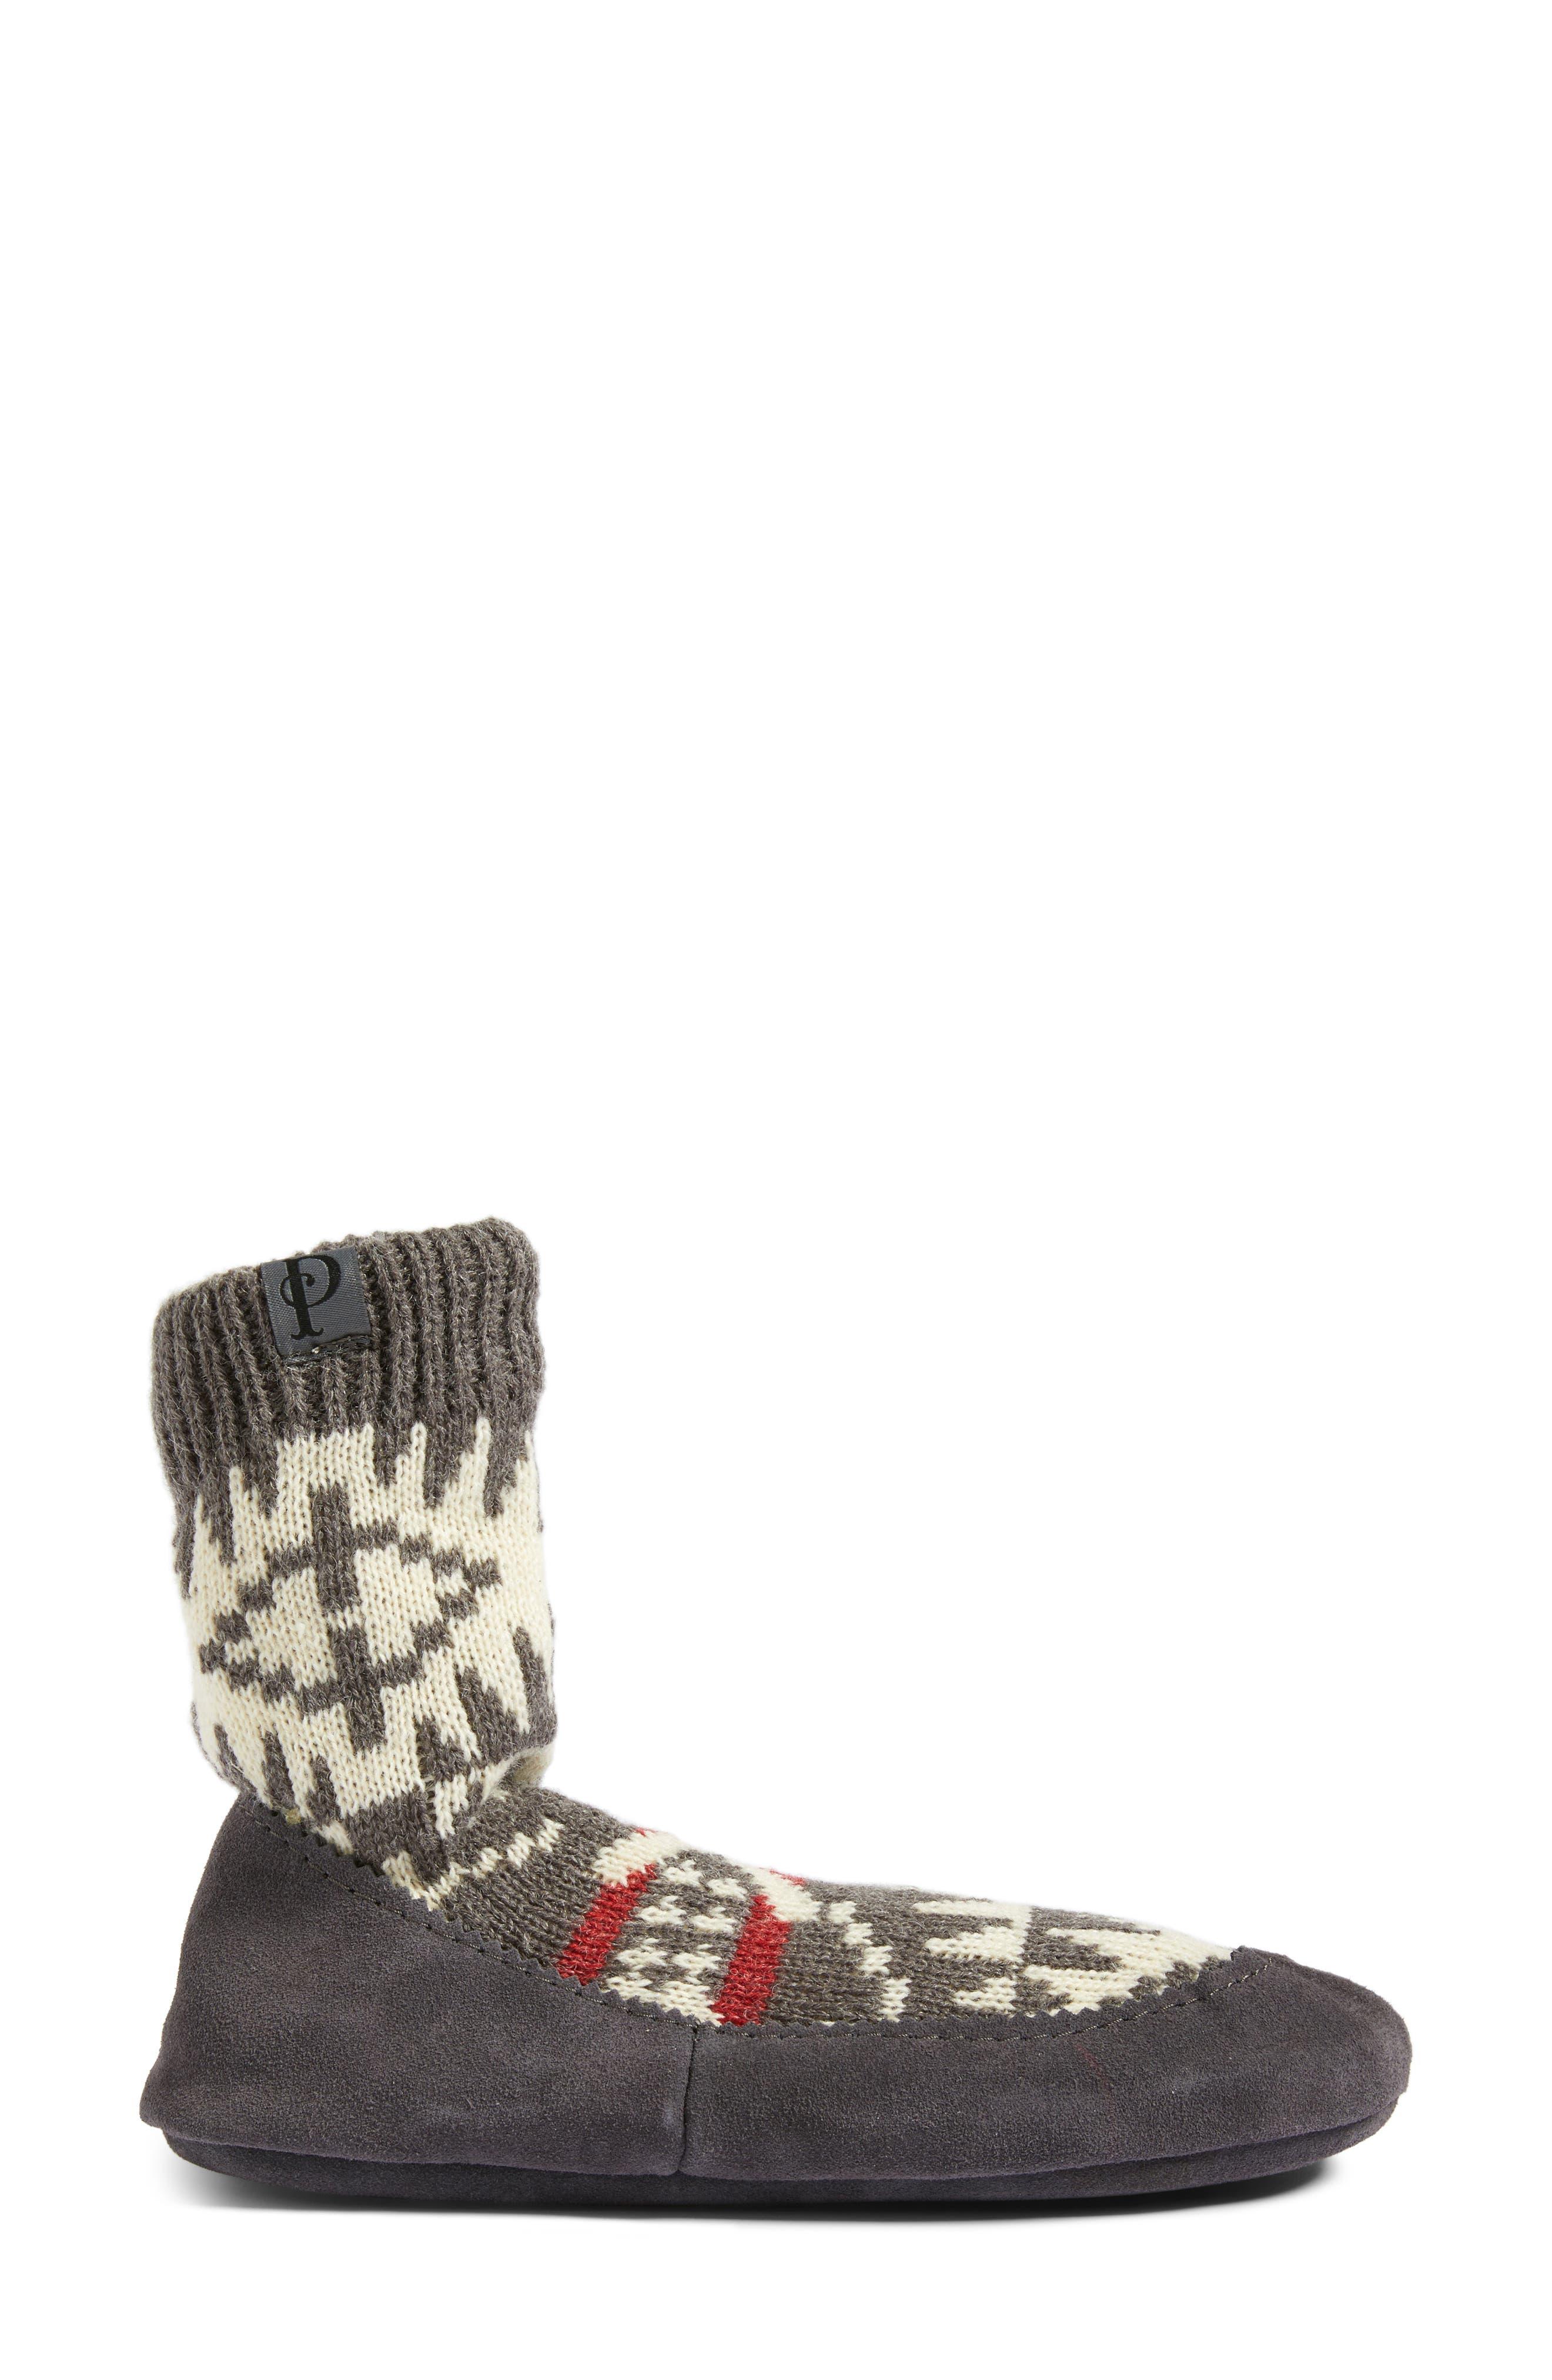 Alternate Image 3  - Pendleton Spider Rock Homestead Slipper Socks